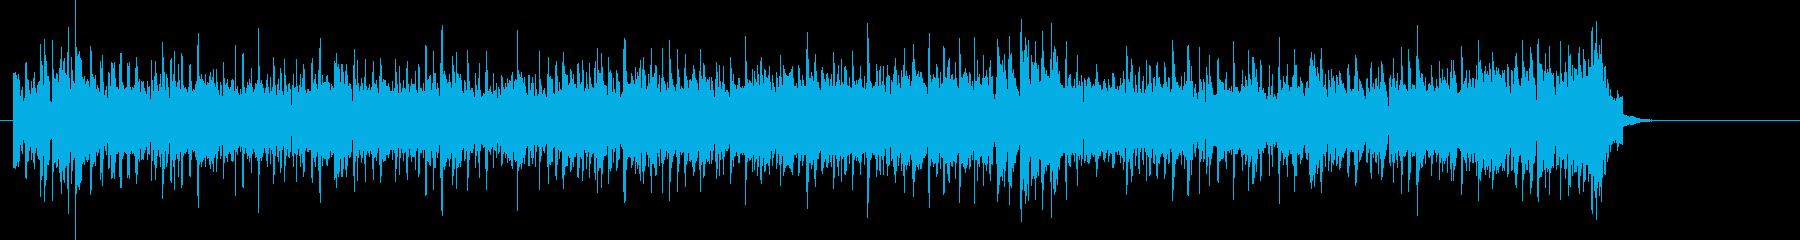 オルガン・ソロが炸裂するファンク・ロックの再生済みの波形